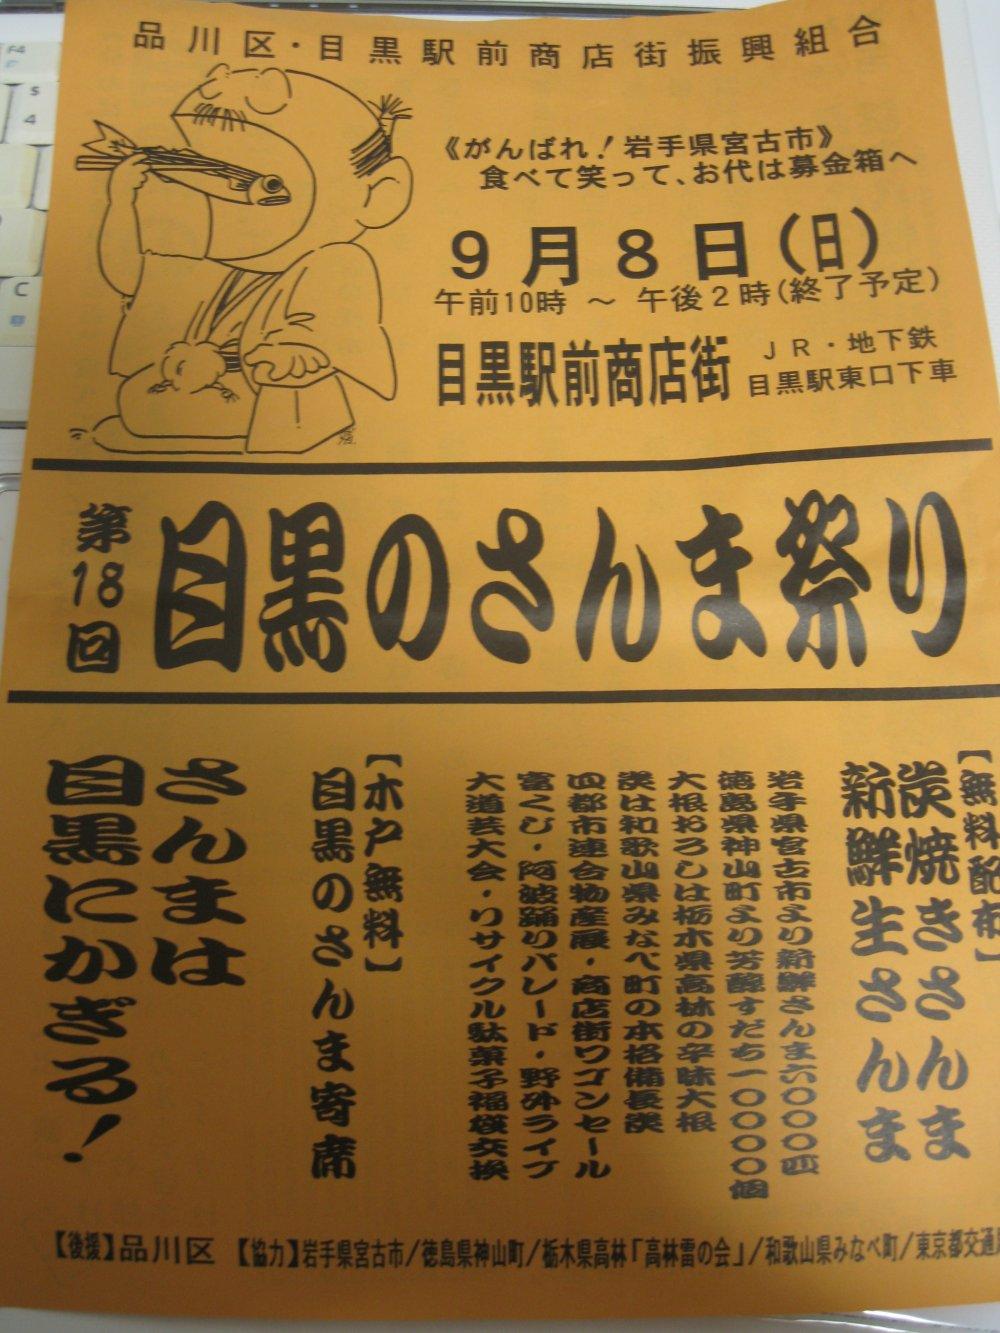 秋刀鱼祭宣传单!